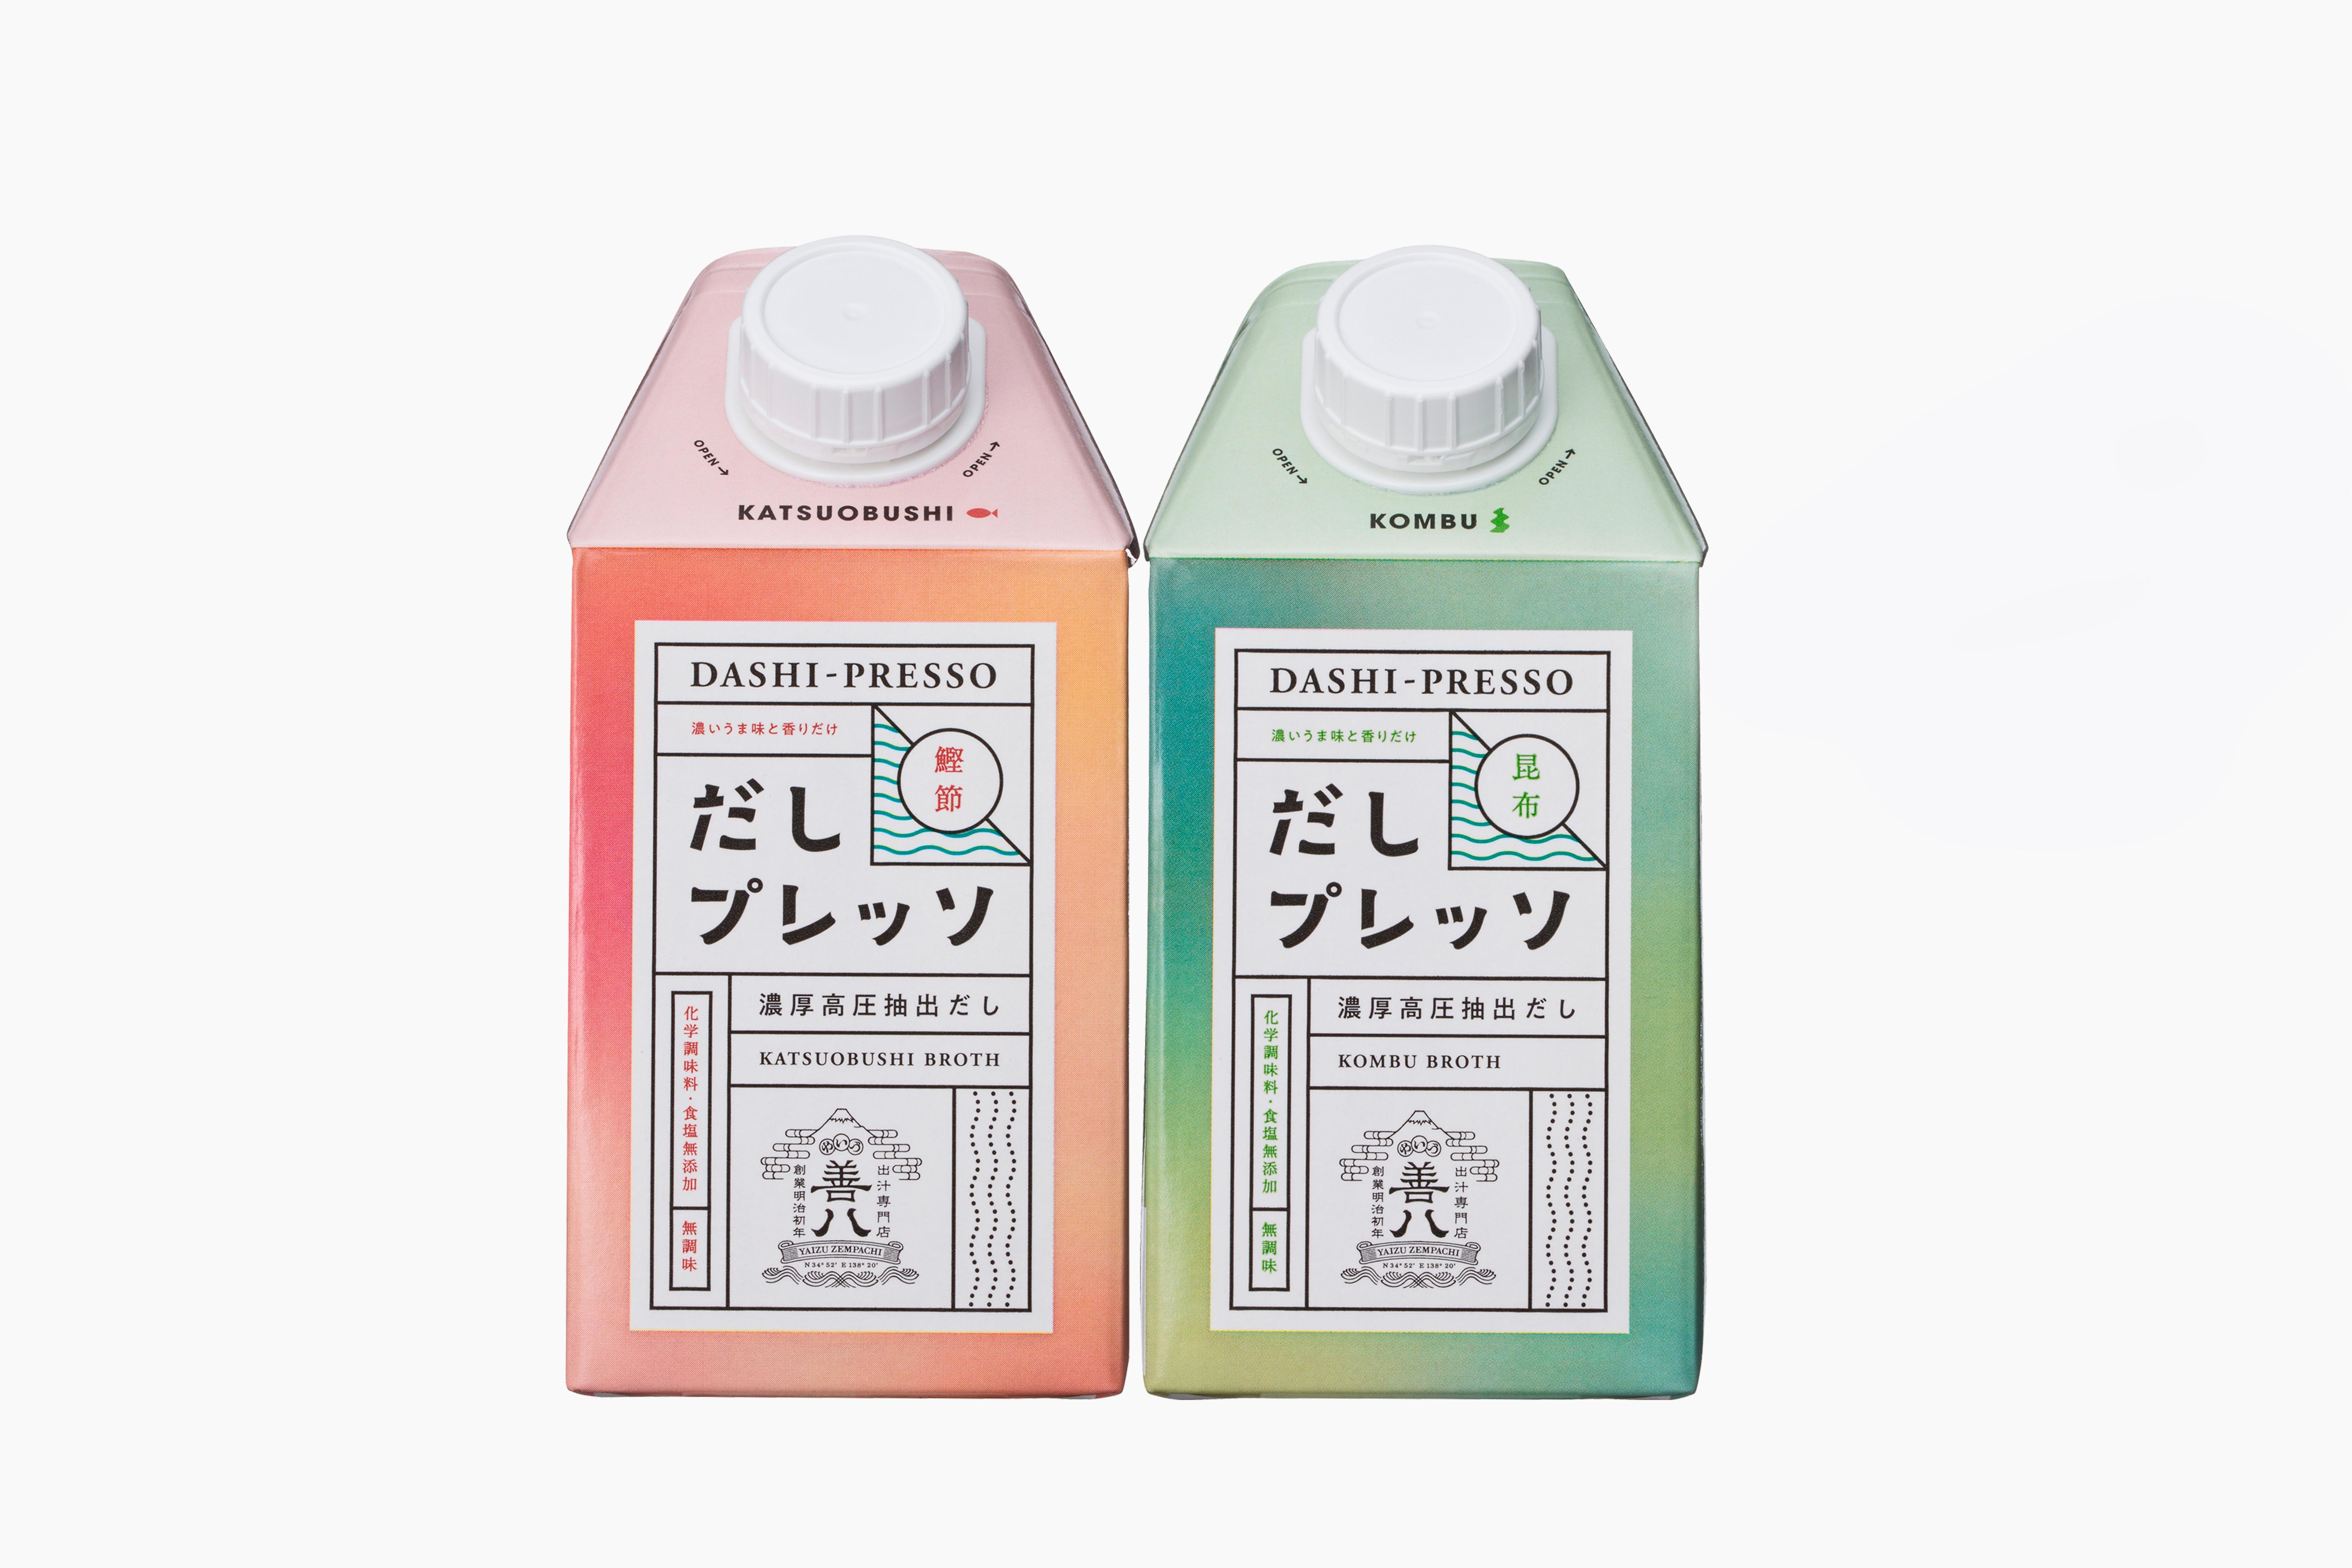 だしプレセット(包装).jpg